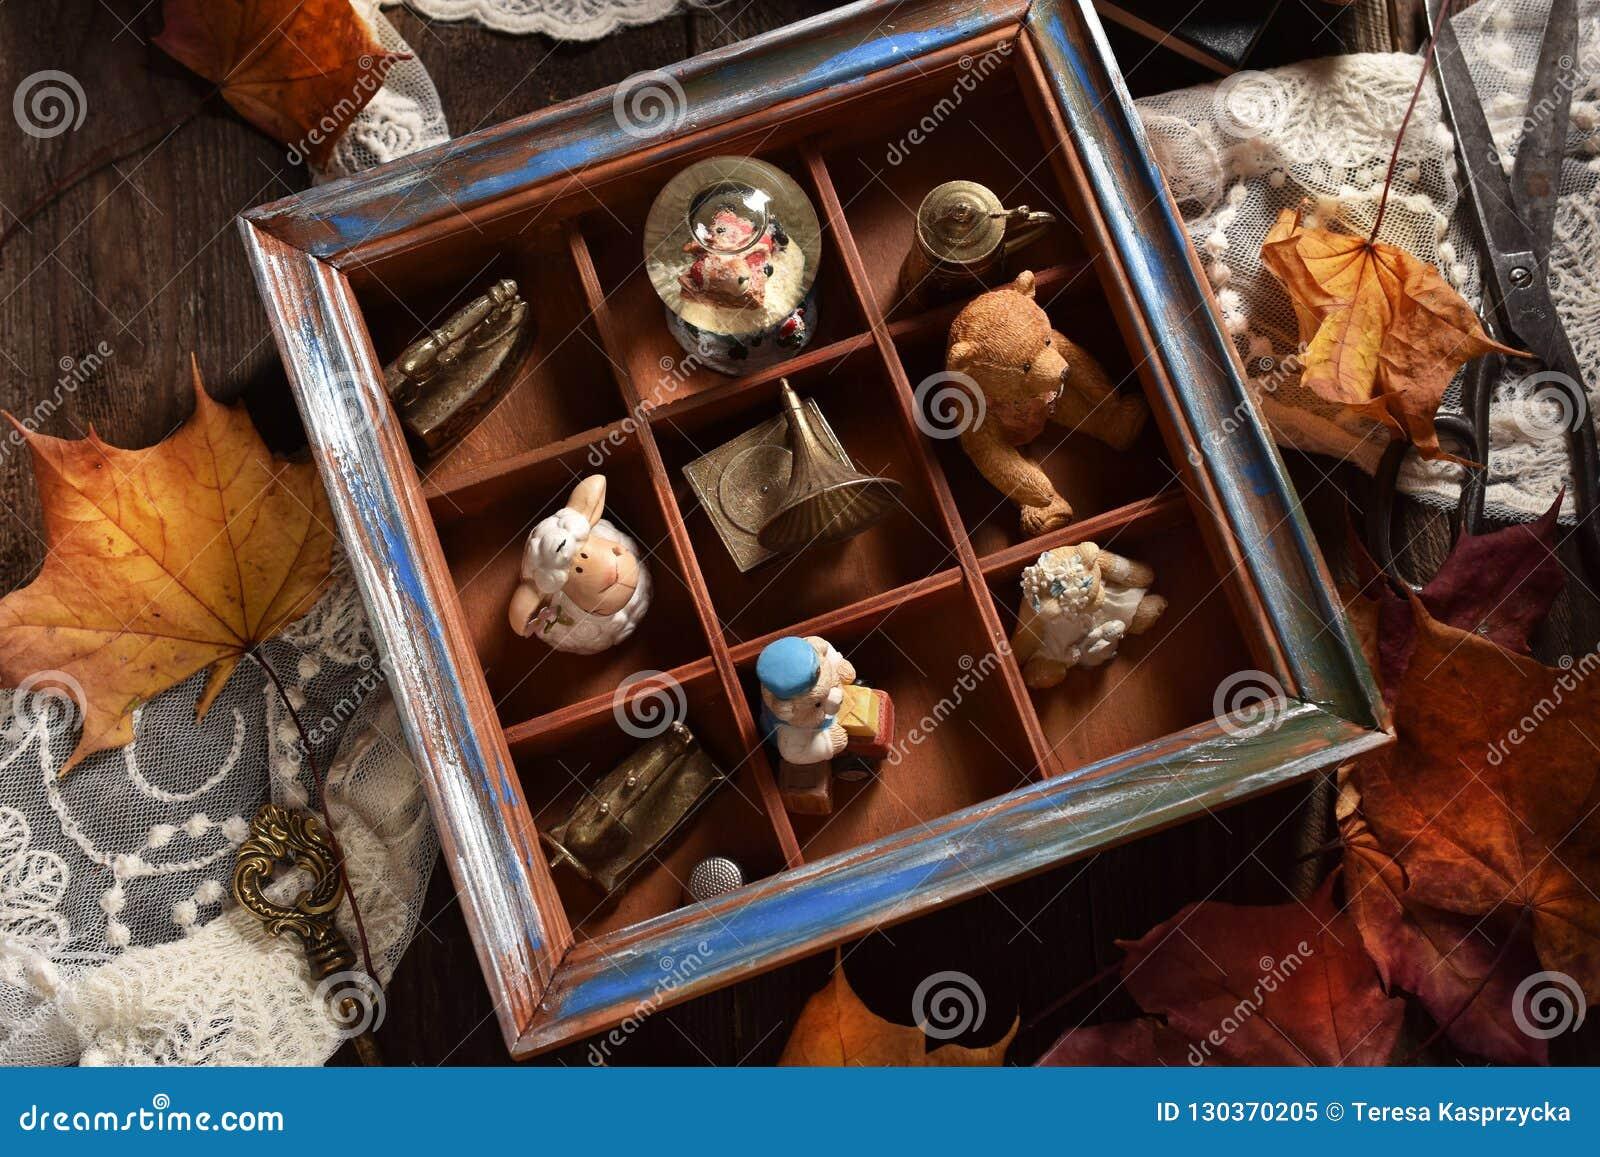 a77c2dc2b7a6cd D'automne d'humeur de cru de style toujours la vie avec la collection  miniature de substances dans la boîte en bois